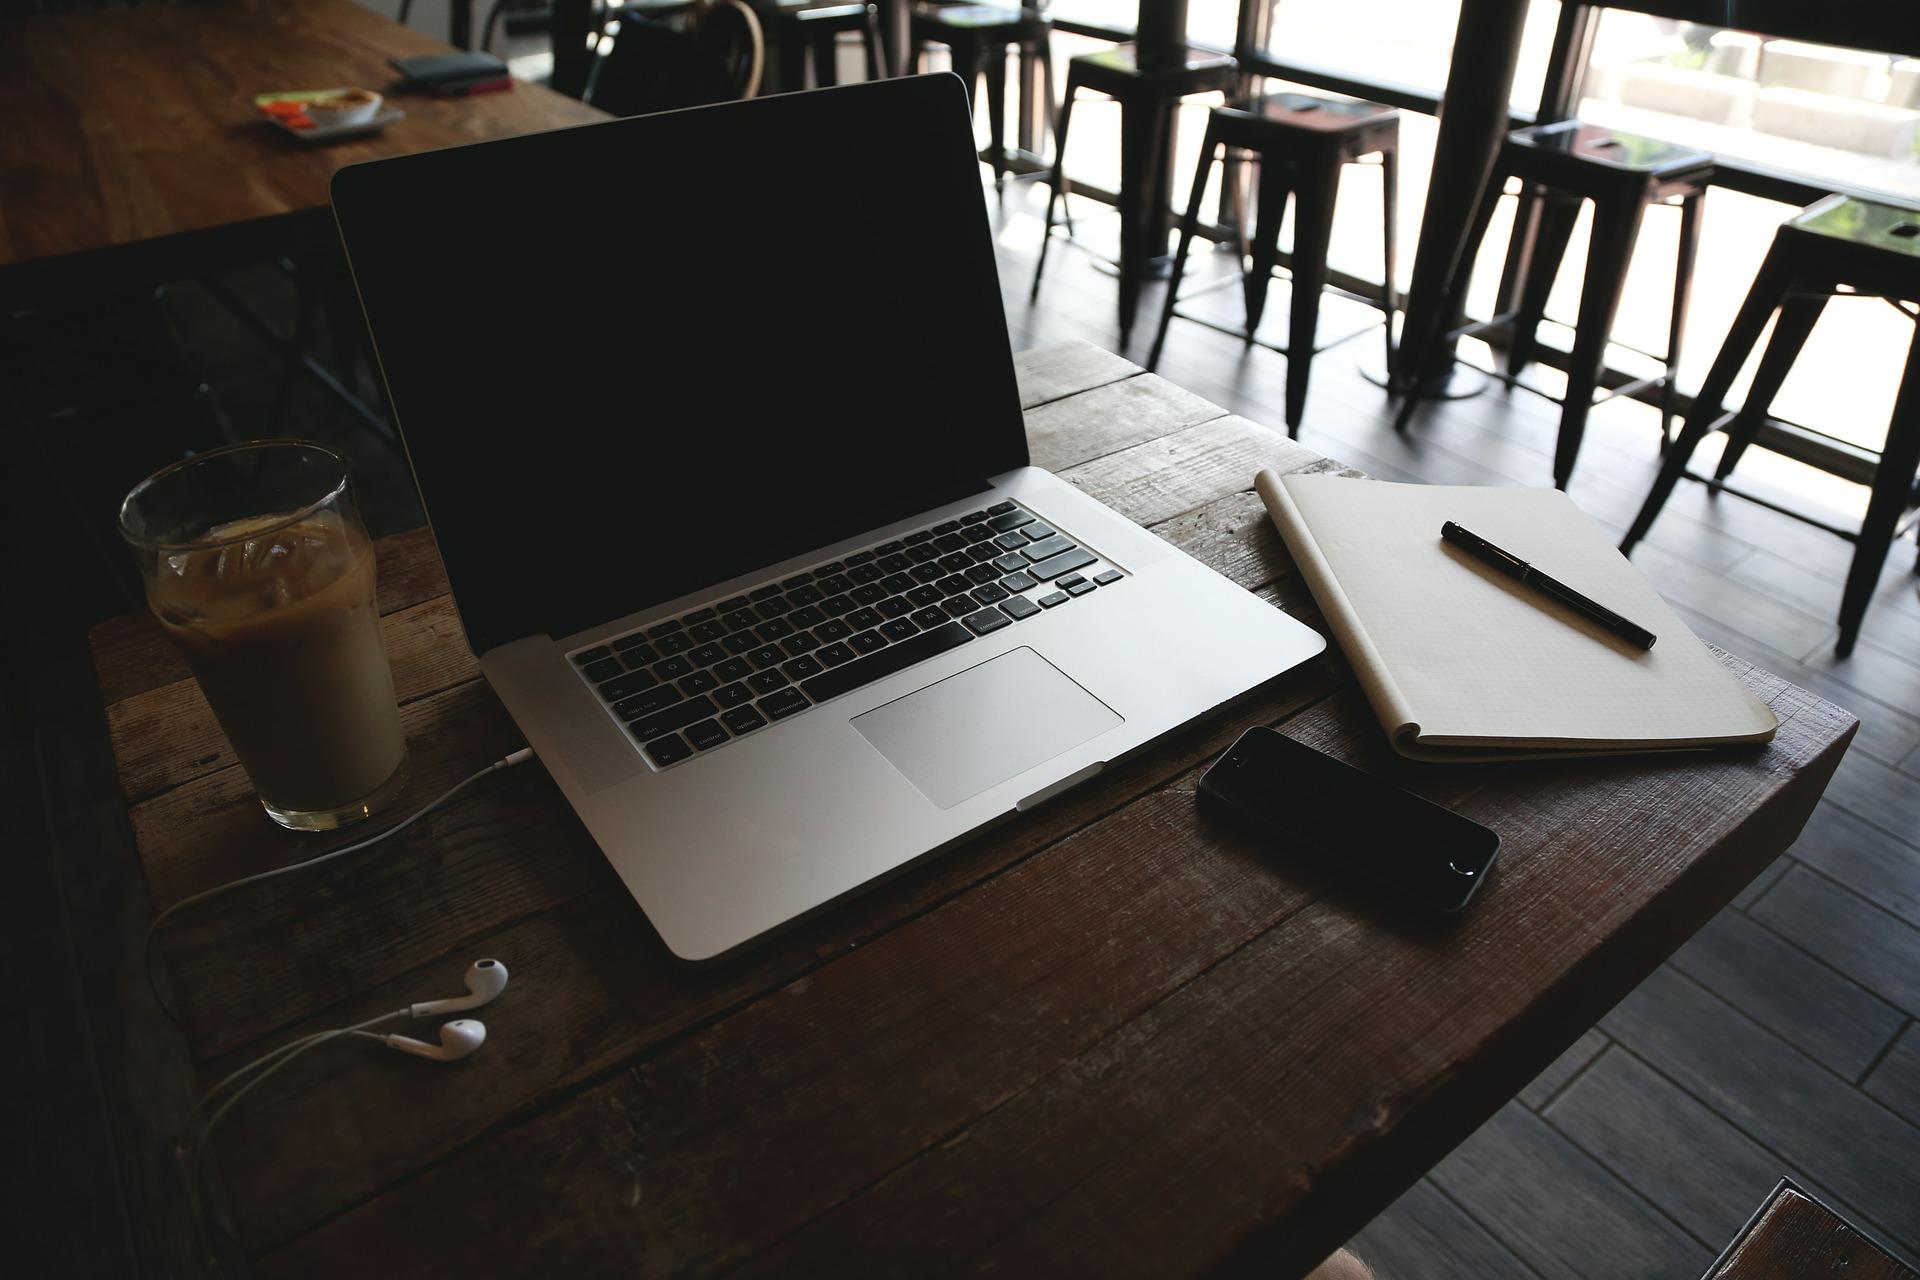 Rozwój firm technologicznych, które są utożsamiane z Doliną Krzemową był efektem rewolucji internetu w XXI w. (fot. pixabay.com)